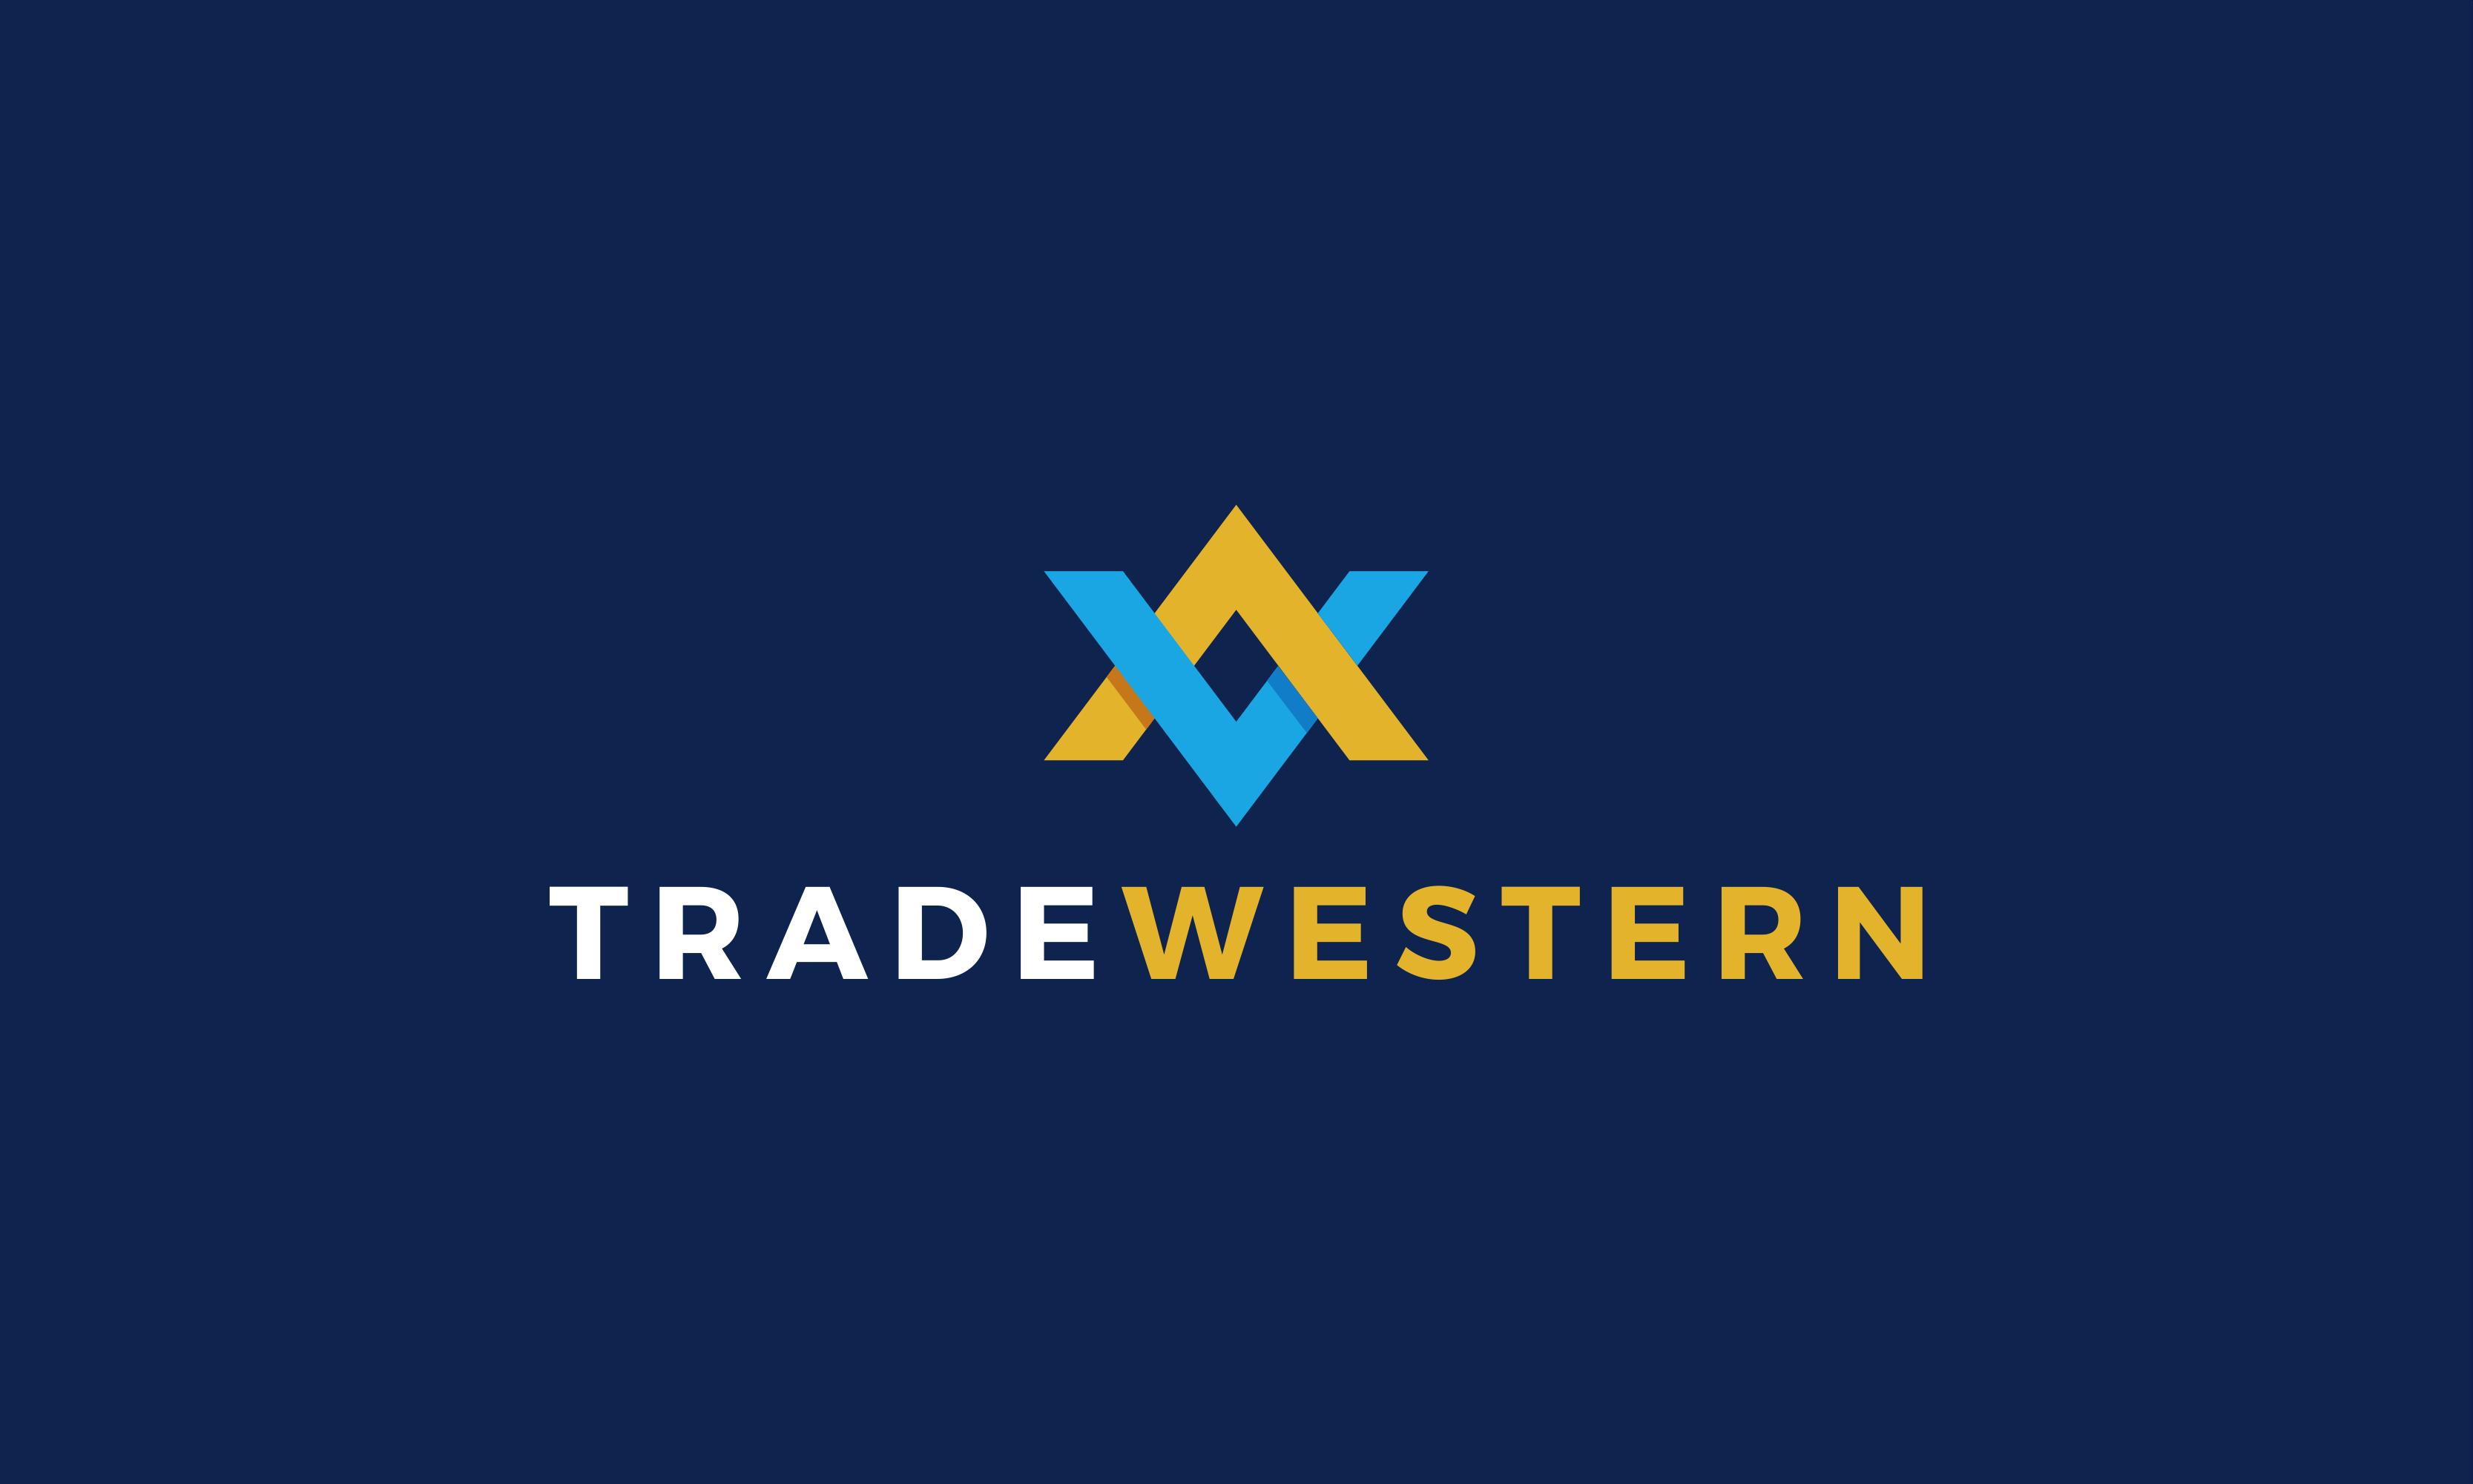 Tradewestern